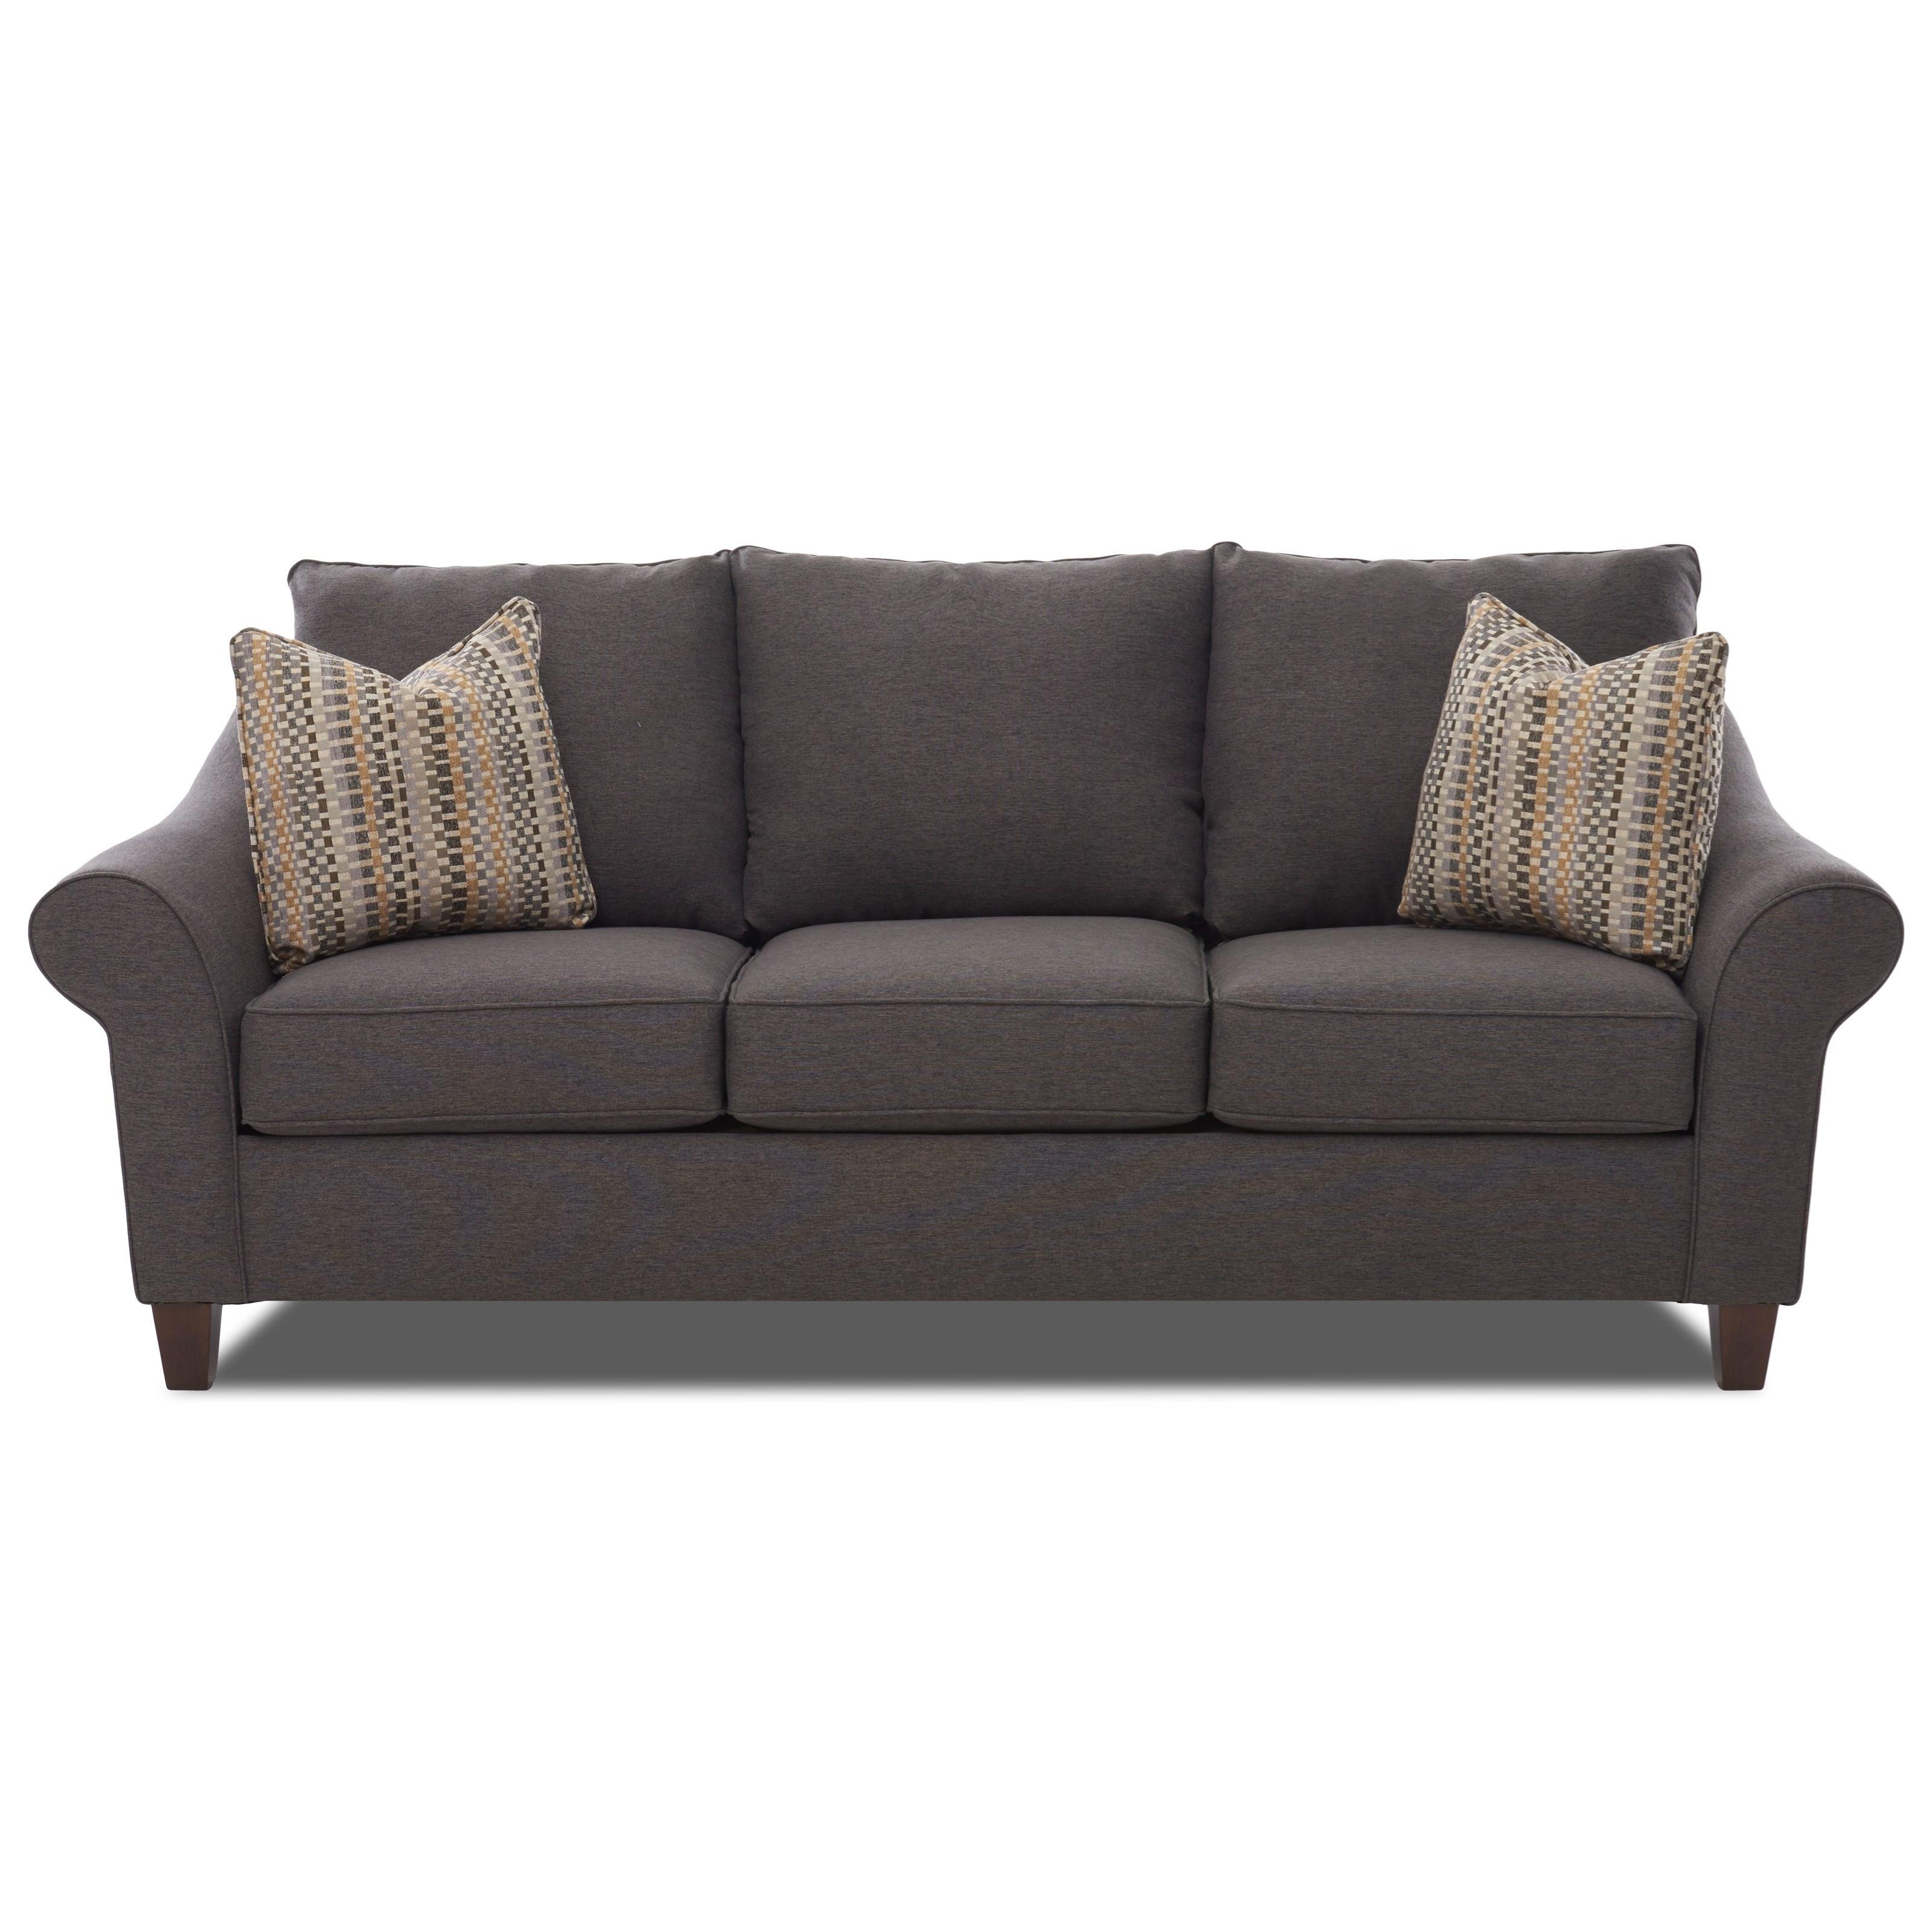 Keller Sofa